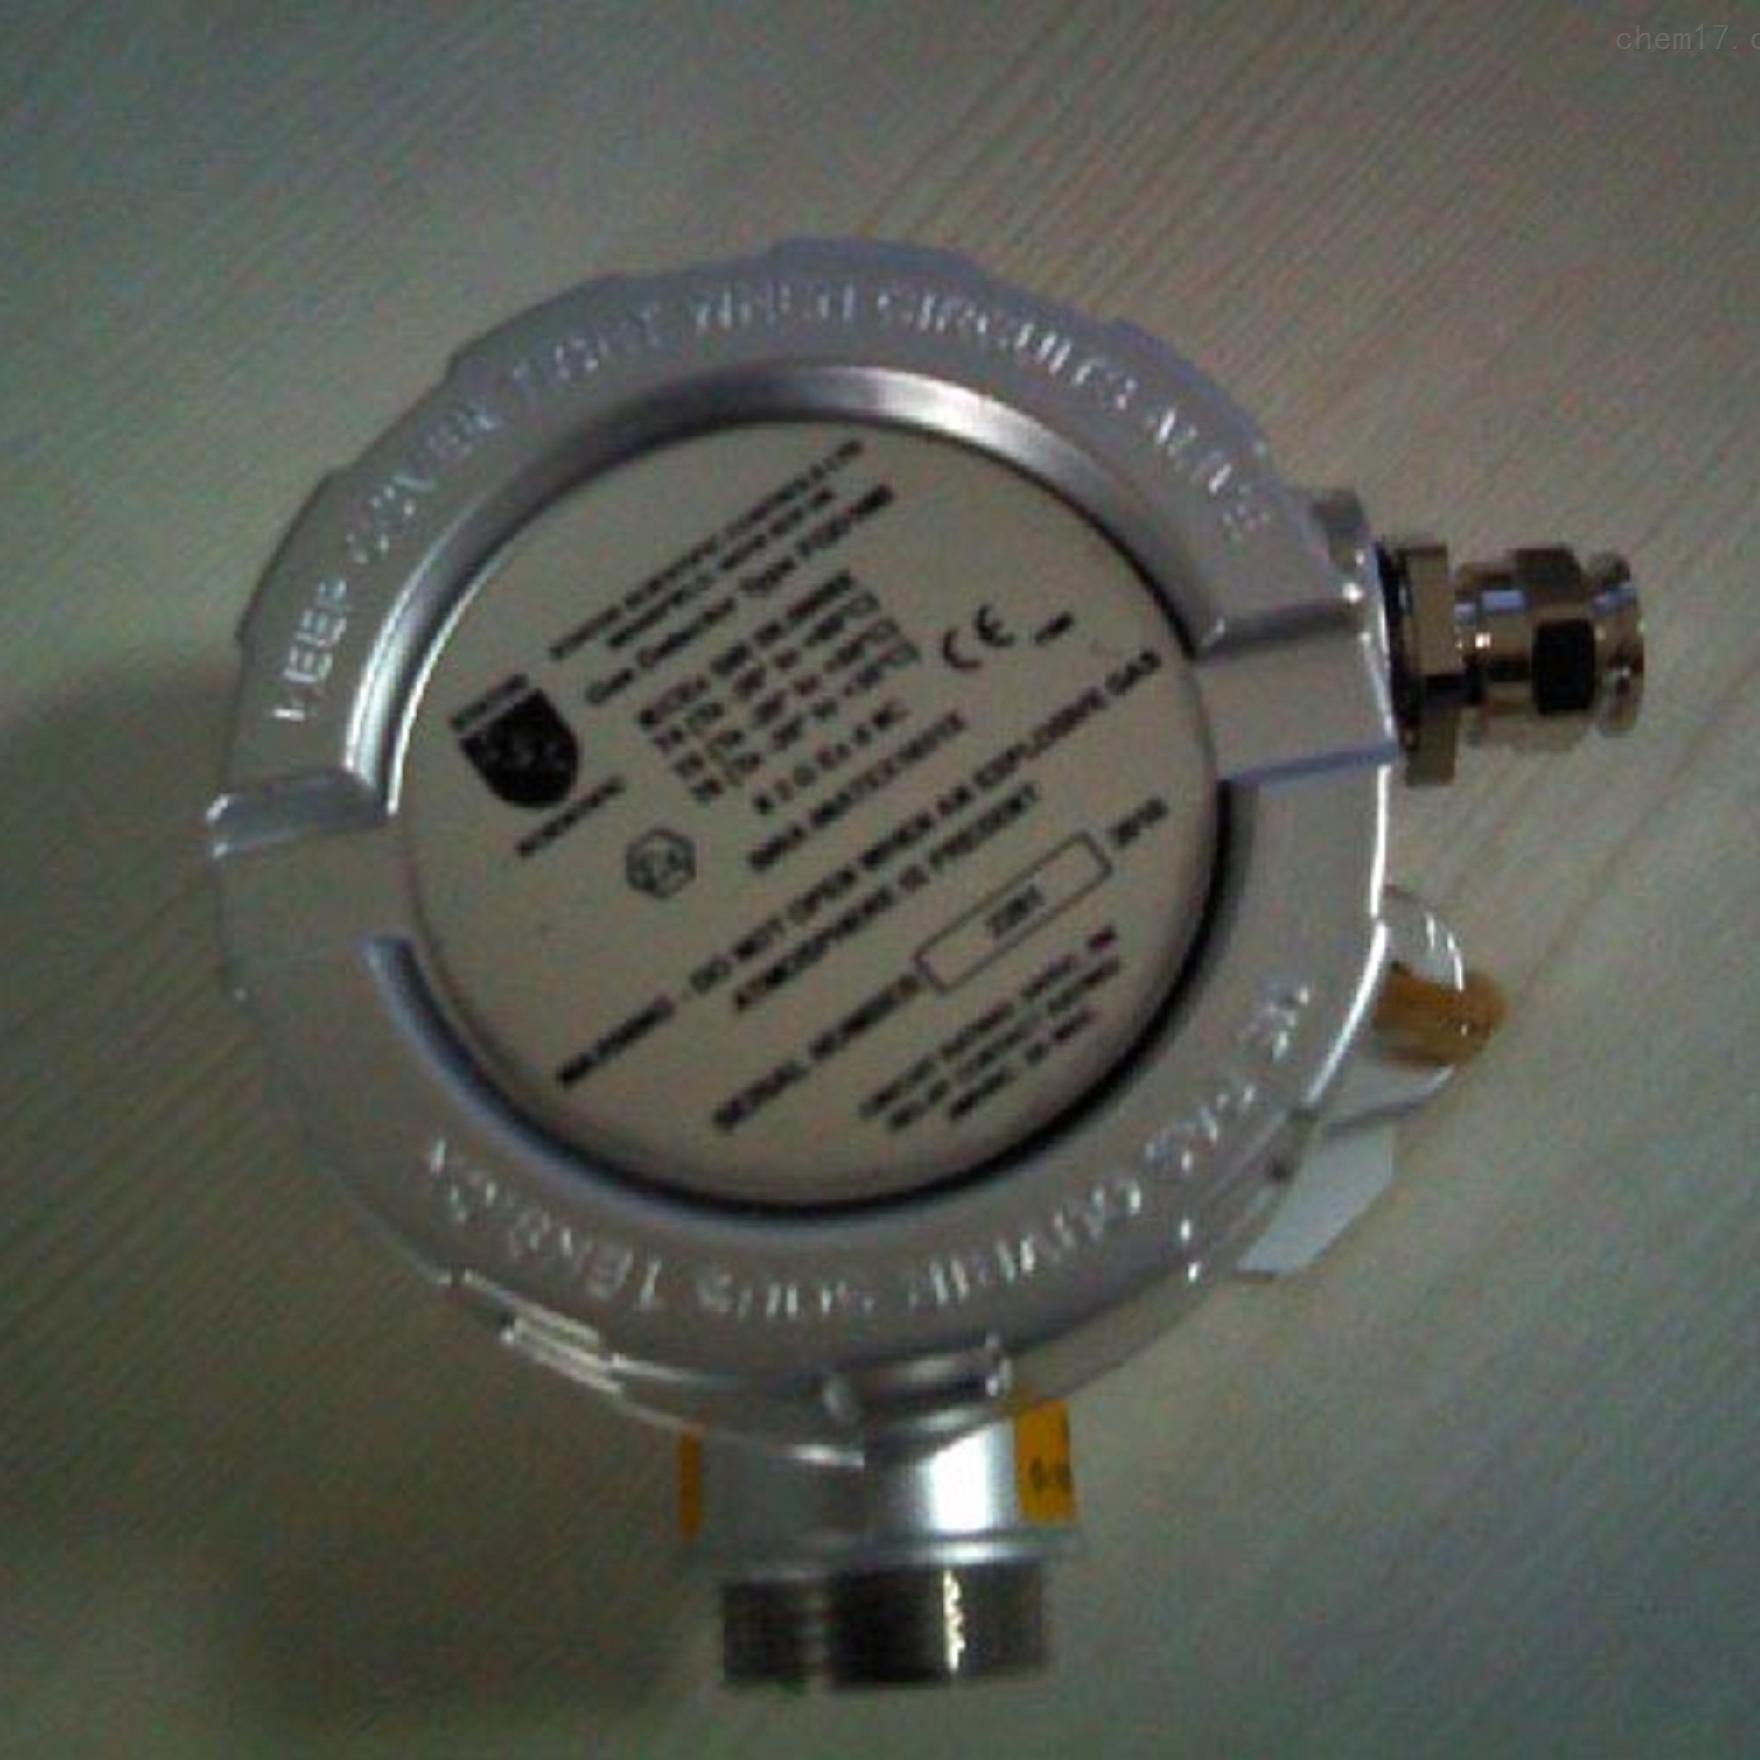 新型气体检测探头调校器